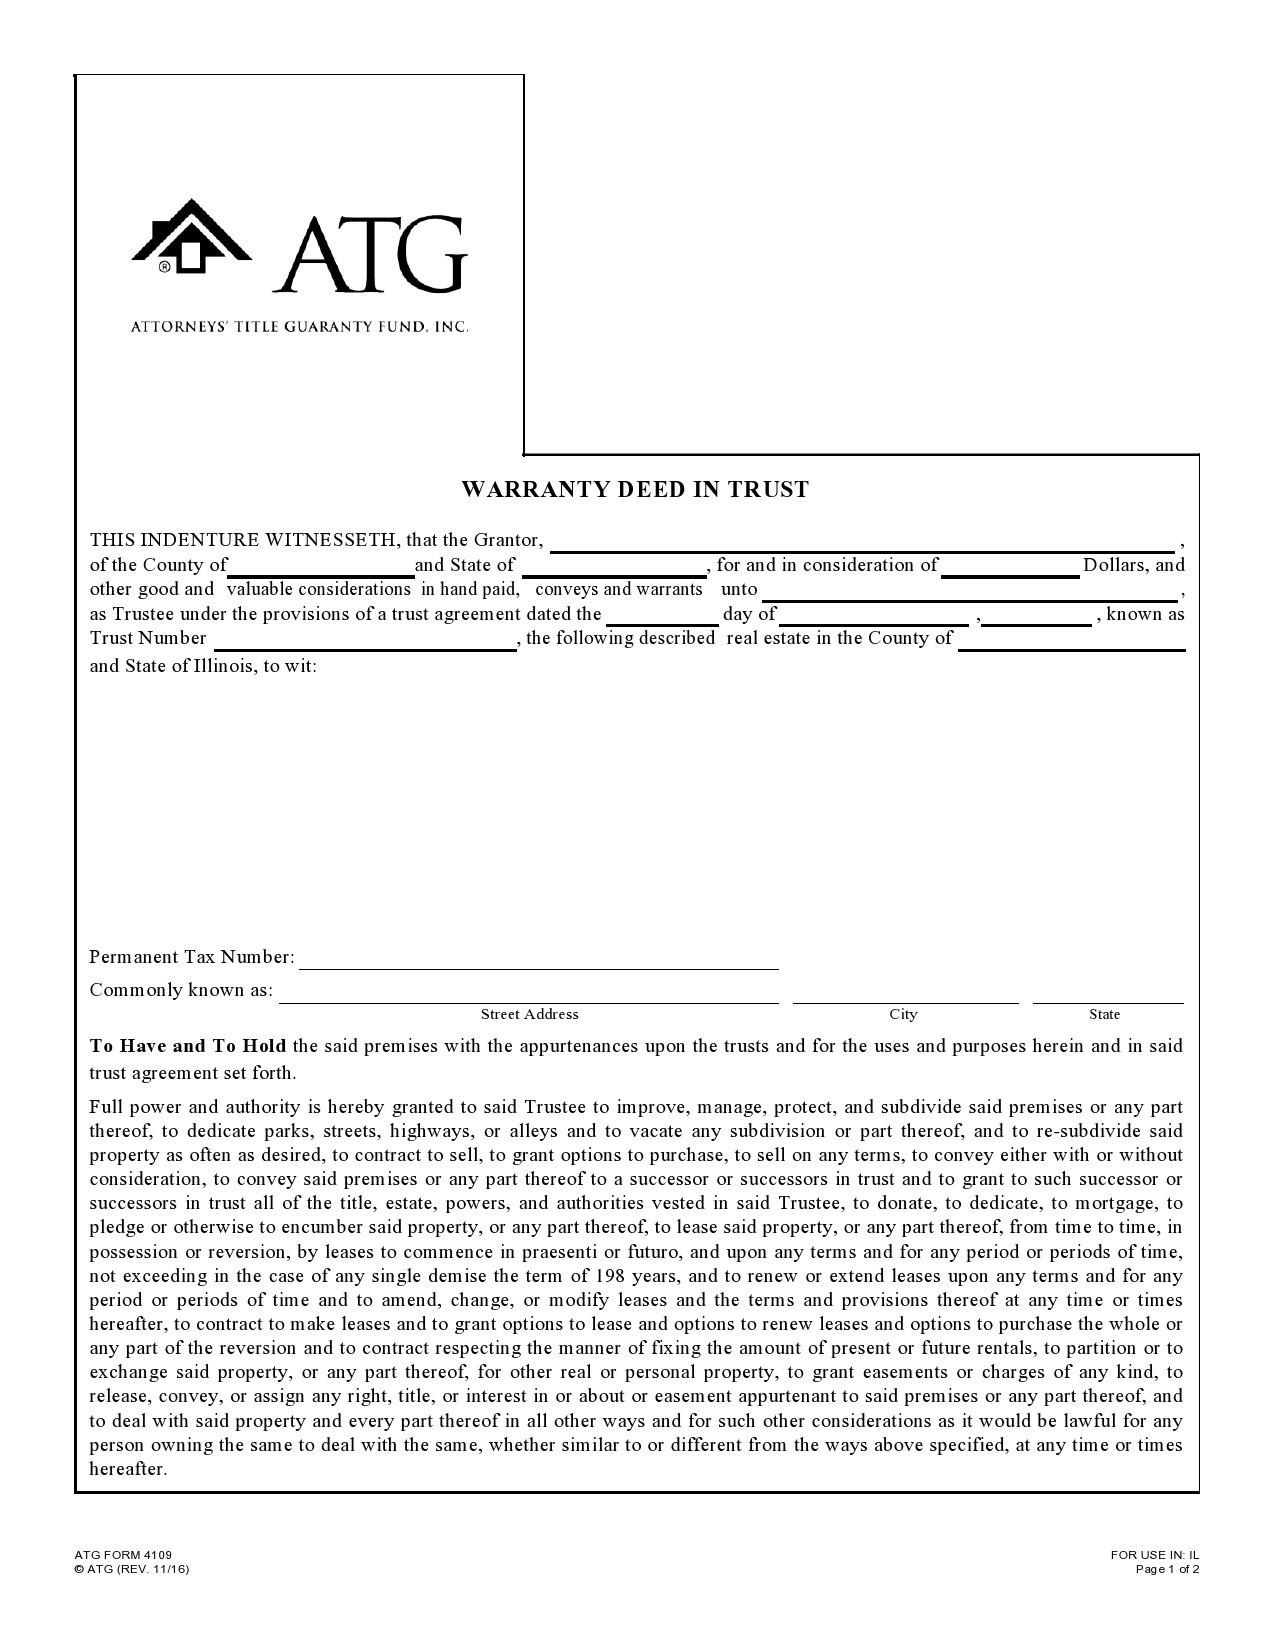 Free warranty deed form 08